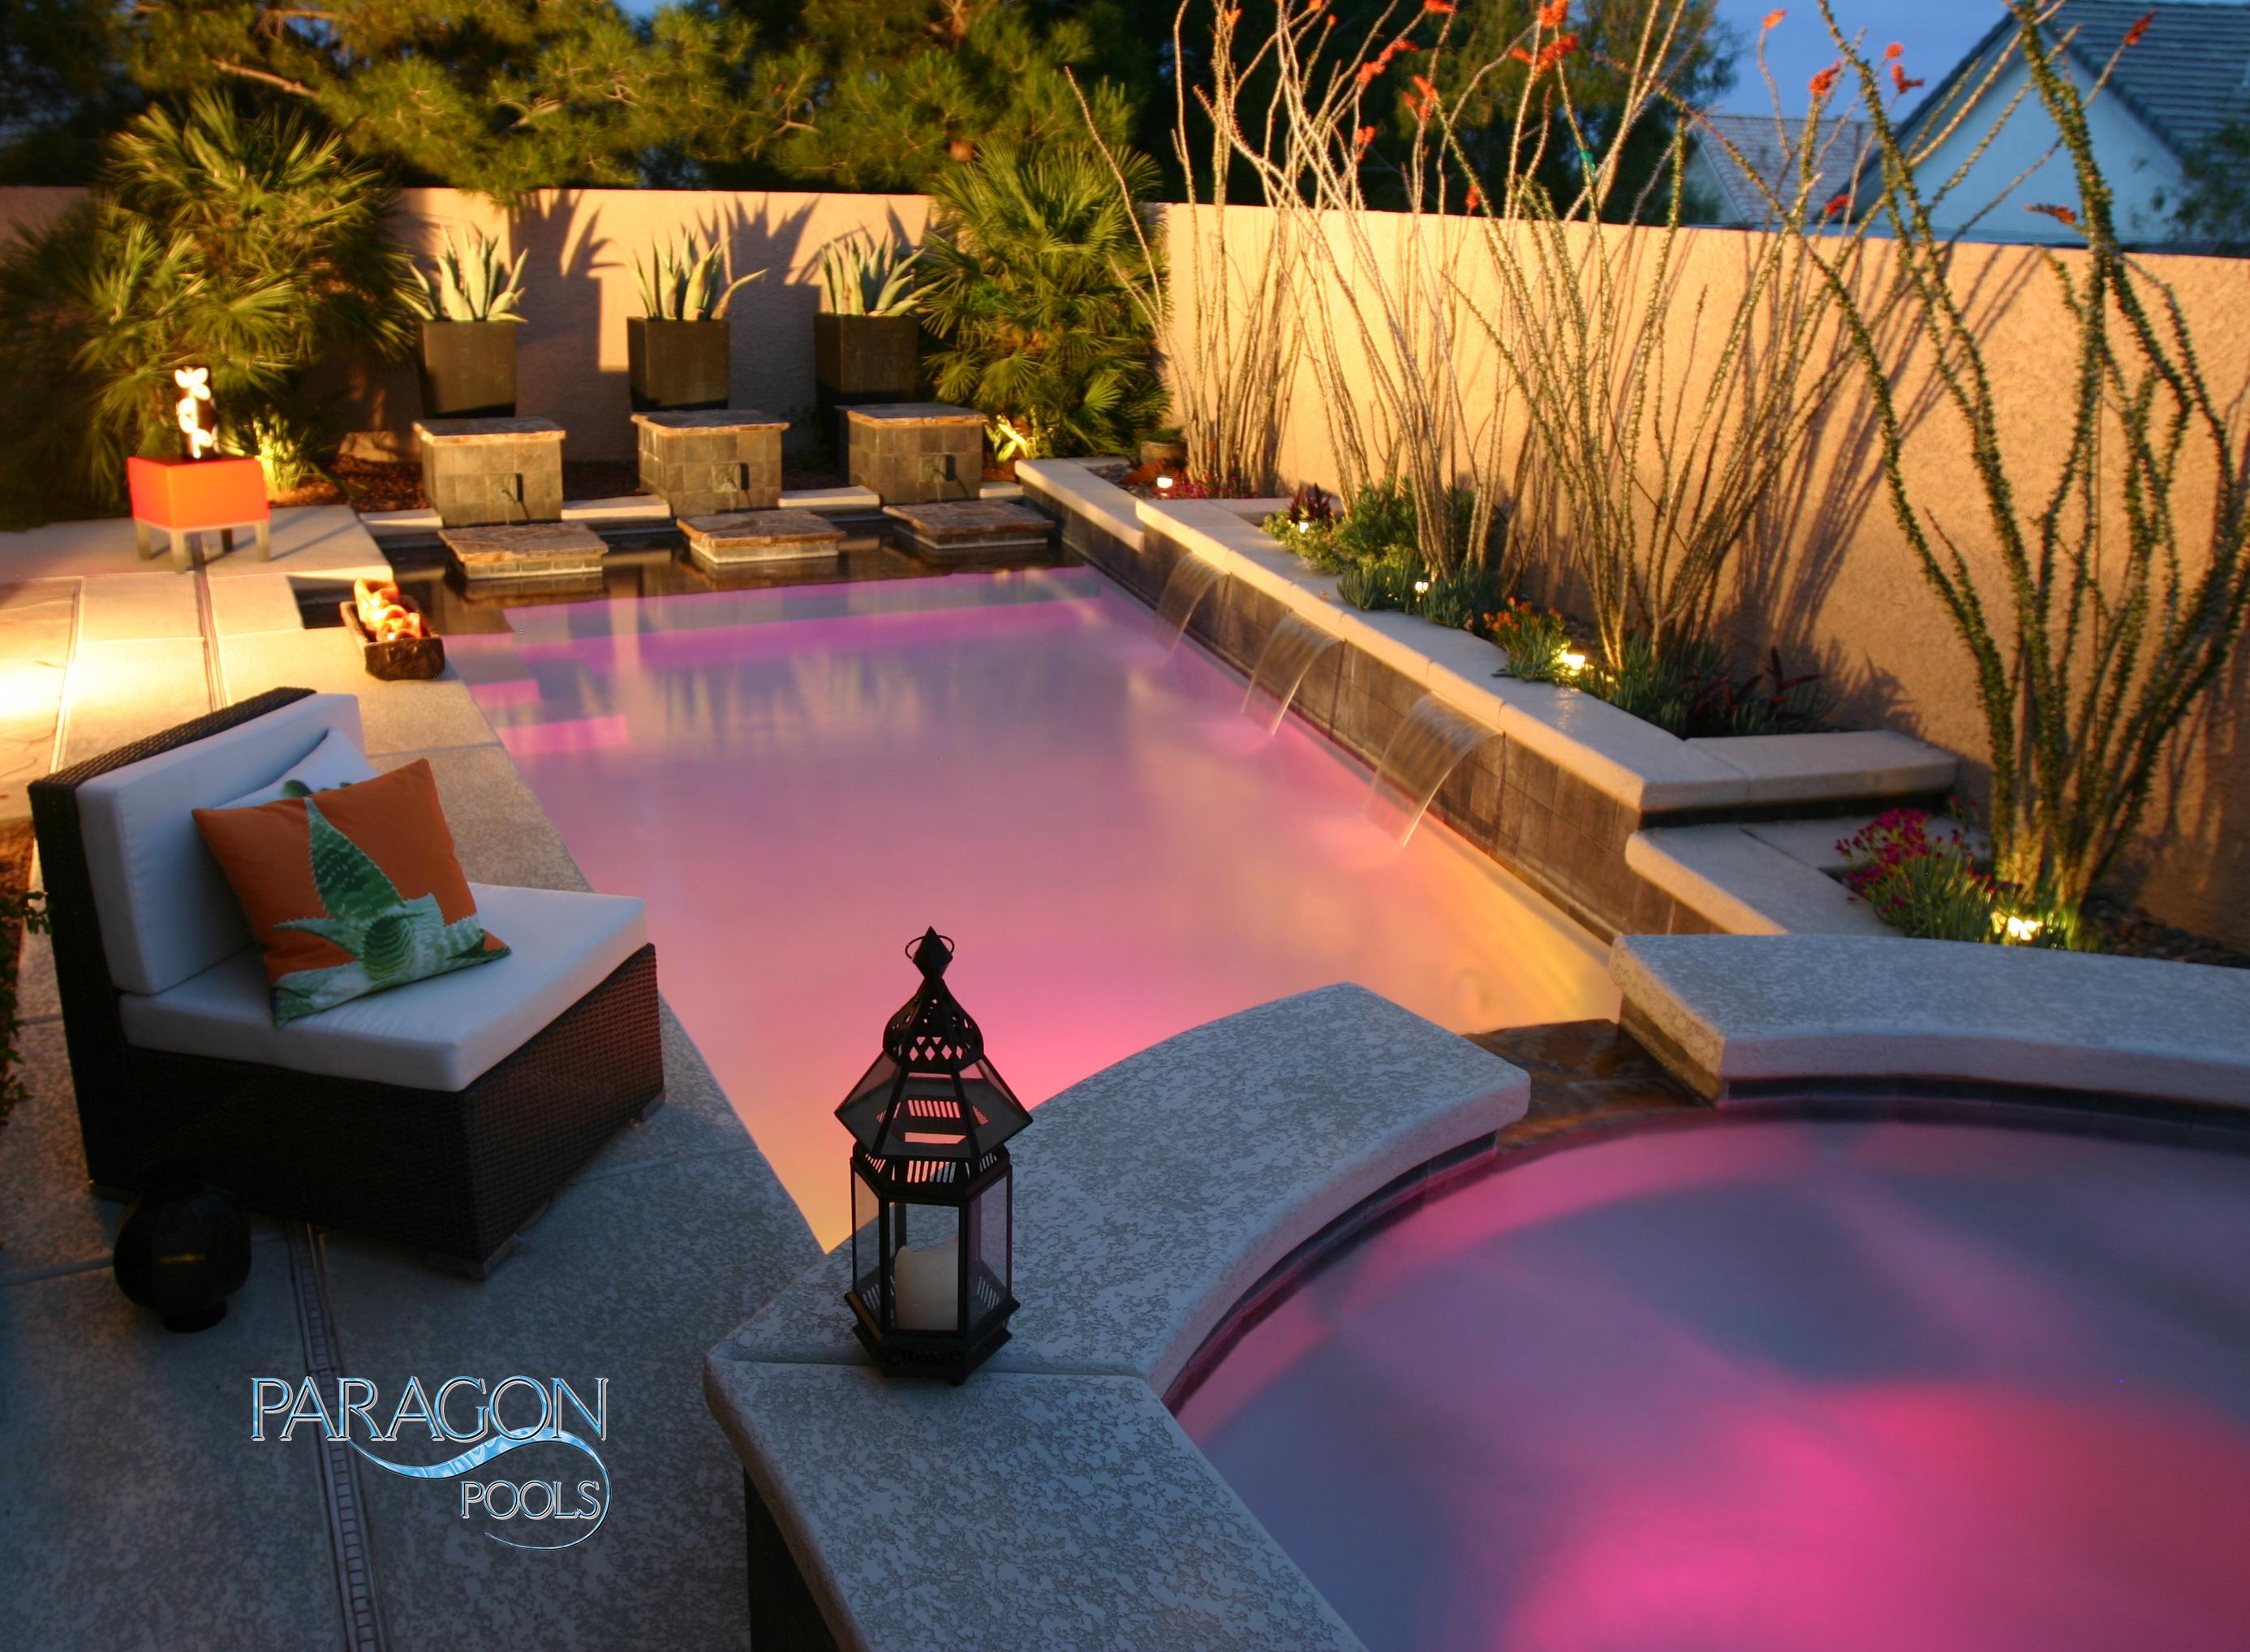 2016 Luxury Backyard Design Trends & 2015 Backyard of the ... on Luxury Backyard Design id=57611